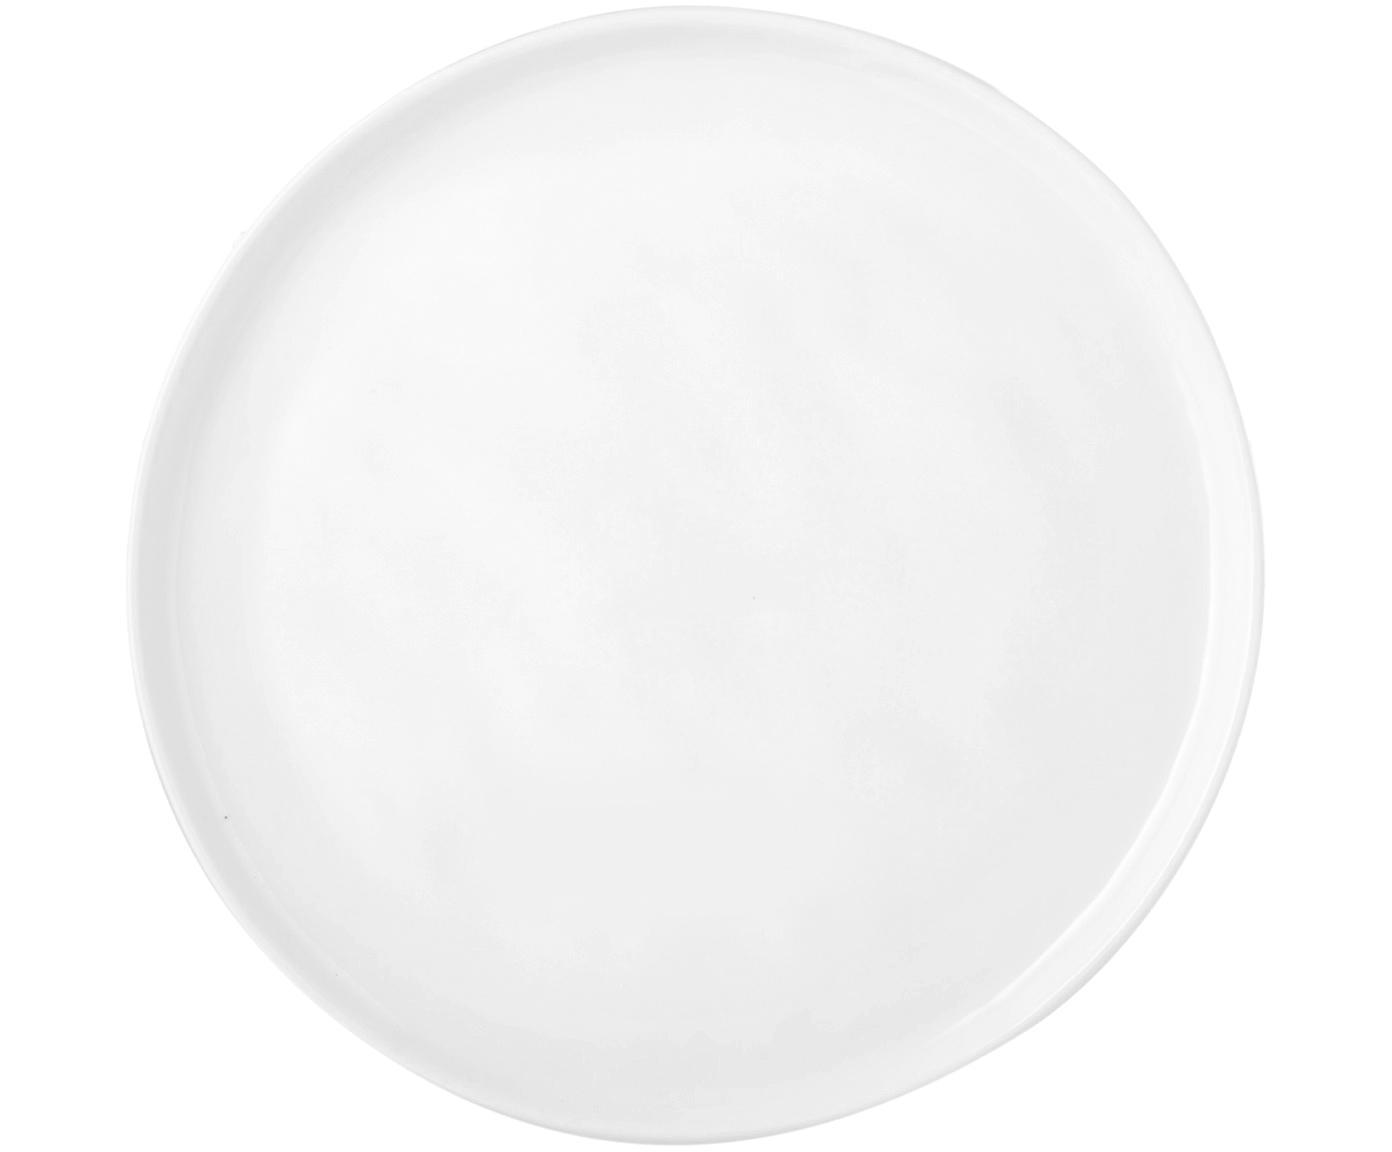 Piatto da colazione Porcelino 4 pz, Porcellana, volutamente irregolare, Bianco, Ø 22 cm